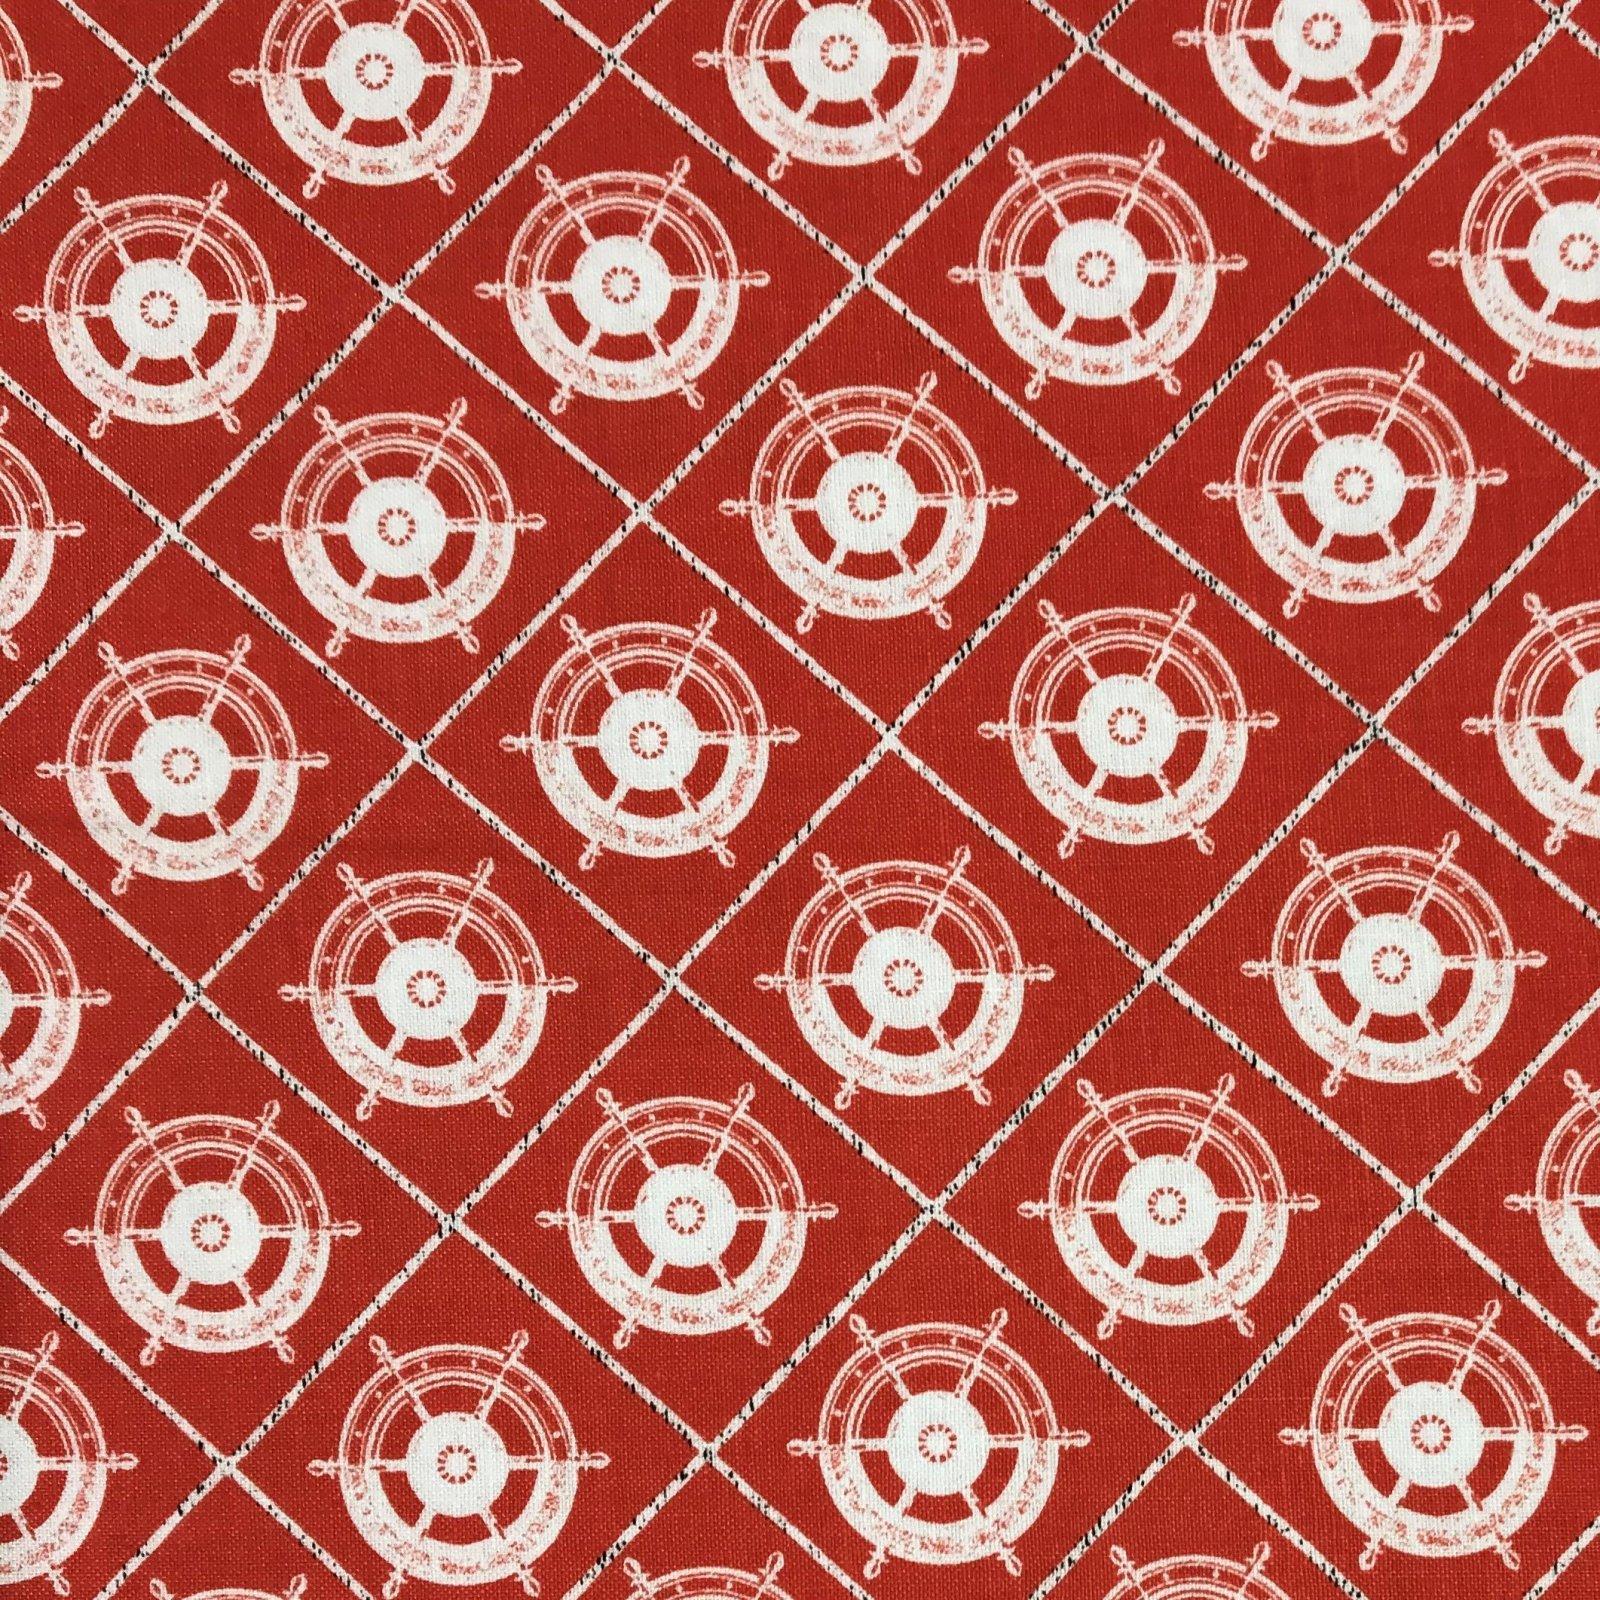 Clothworks - Quarter Deck -  Medium Geometric - Lt Tomato  Y2362